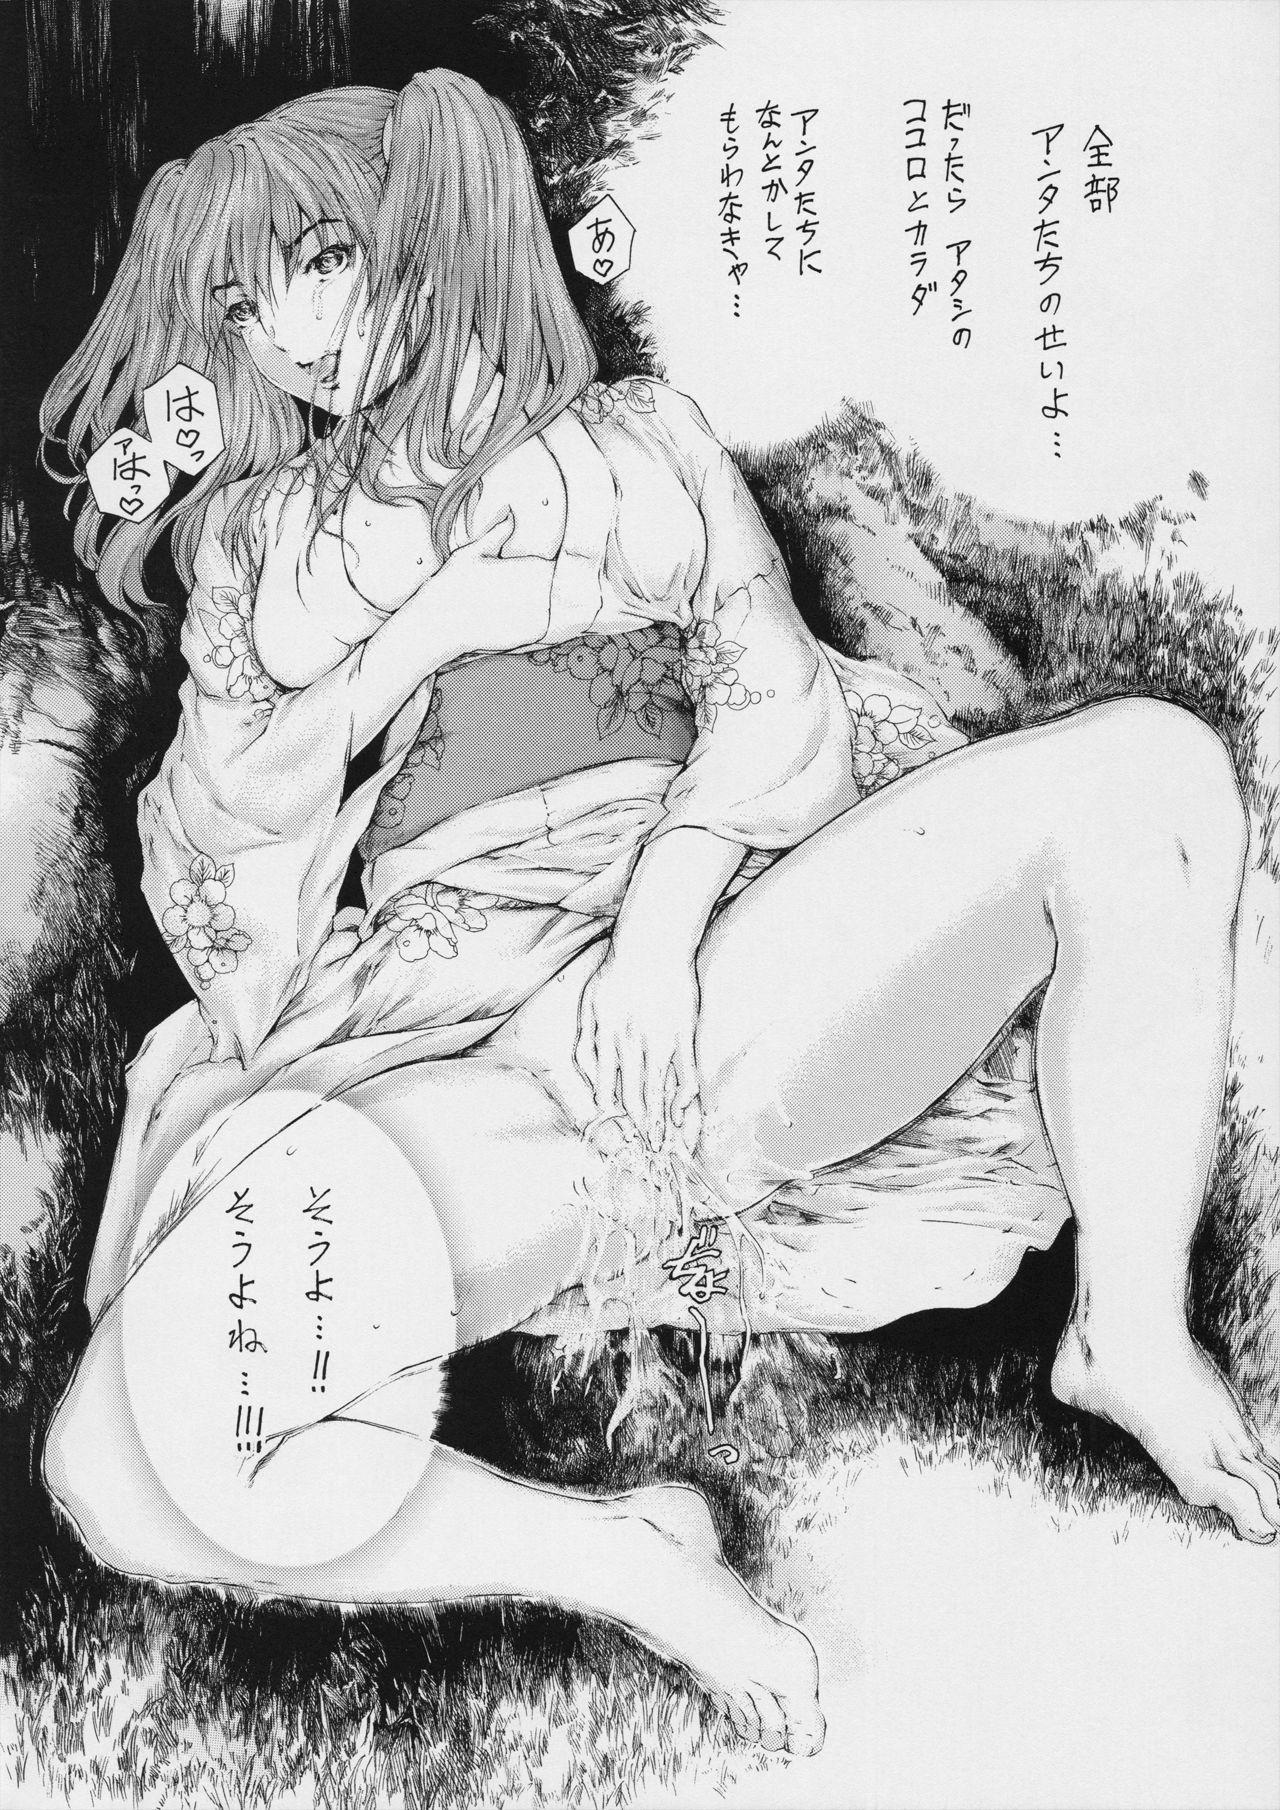 (COMIC1☆11) [Subesube 1kg (Narita Kyousha)] 9-Ji Kara 5-ji Made no Koibito Dai 9 wa - Nine to Five Lover 33